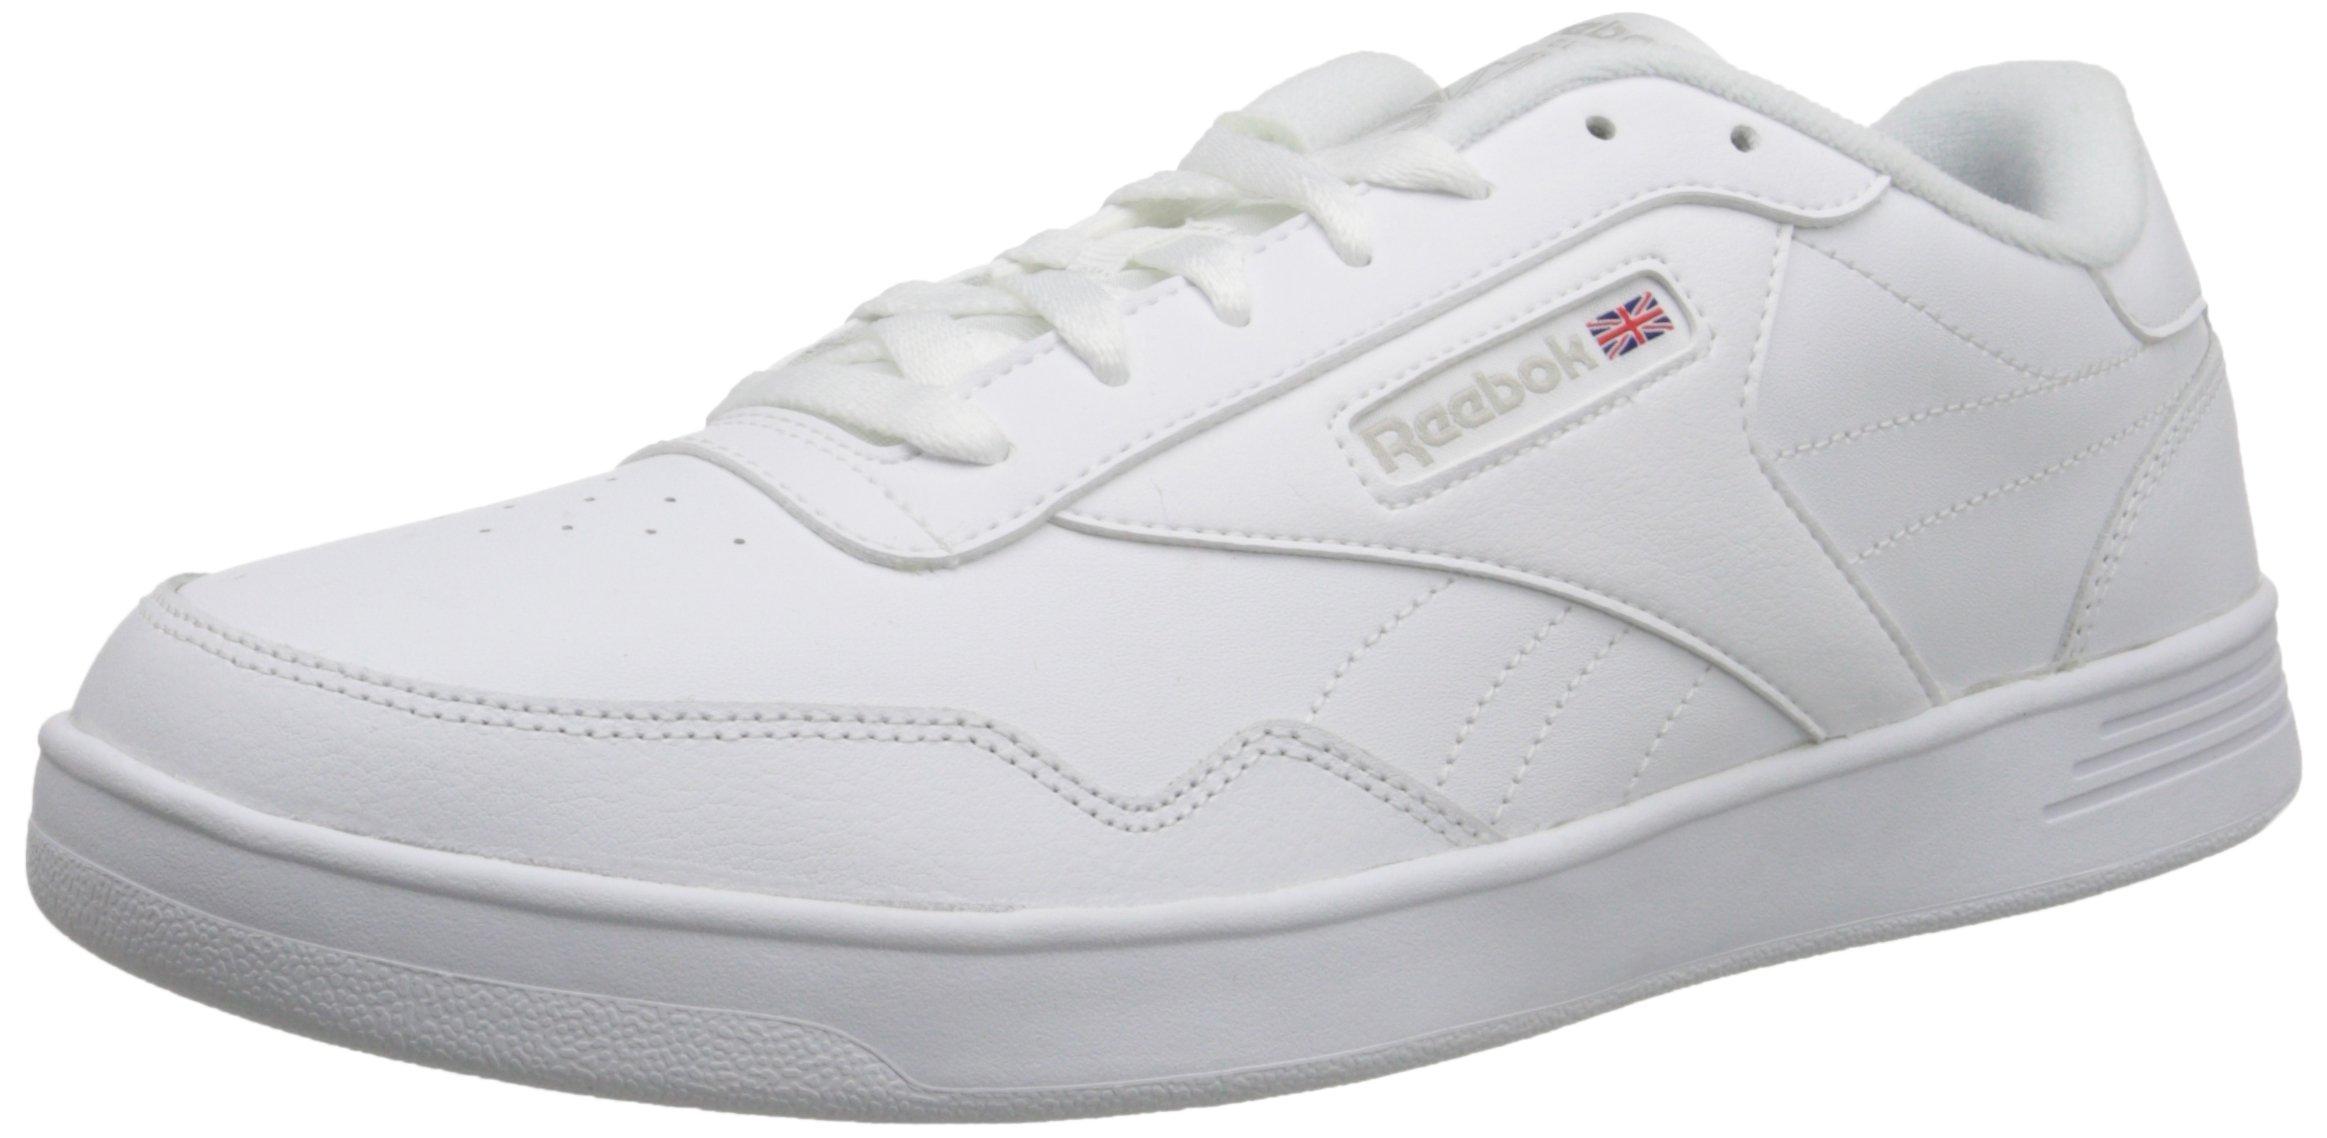 Reebok Men's Club Memt Fashion Sneaker, White/Steel, 8.5 4E US